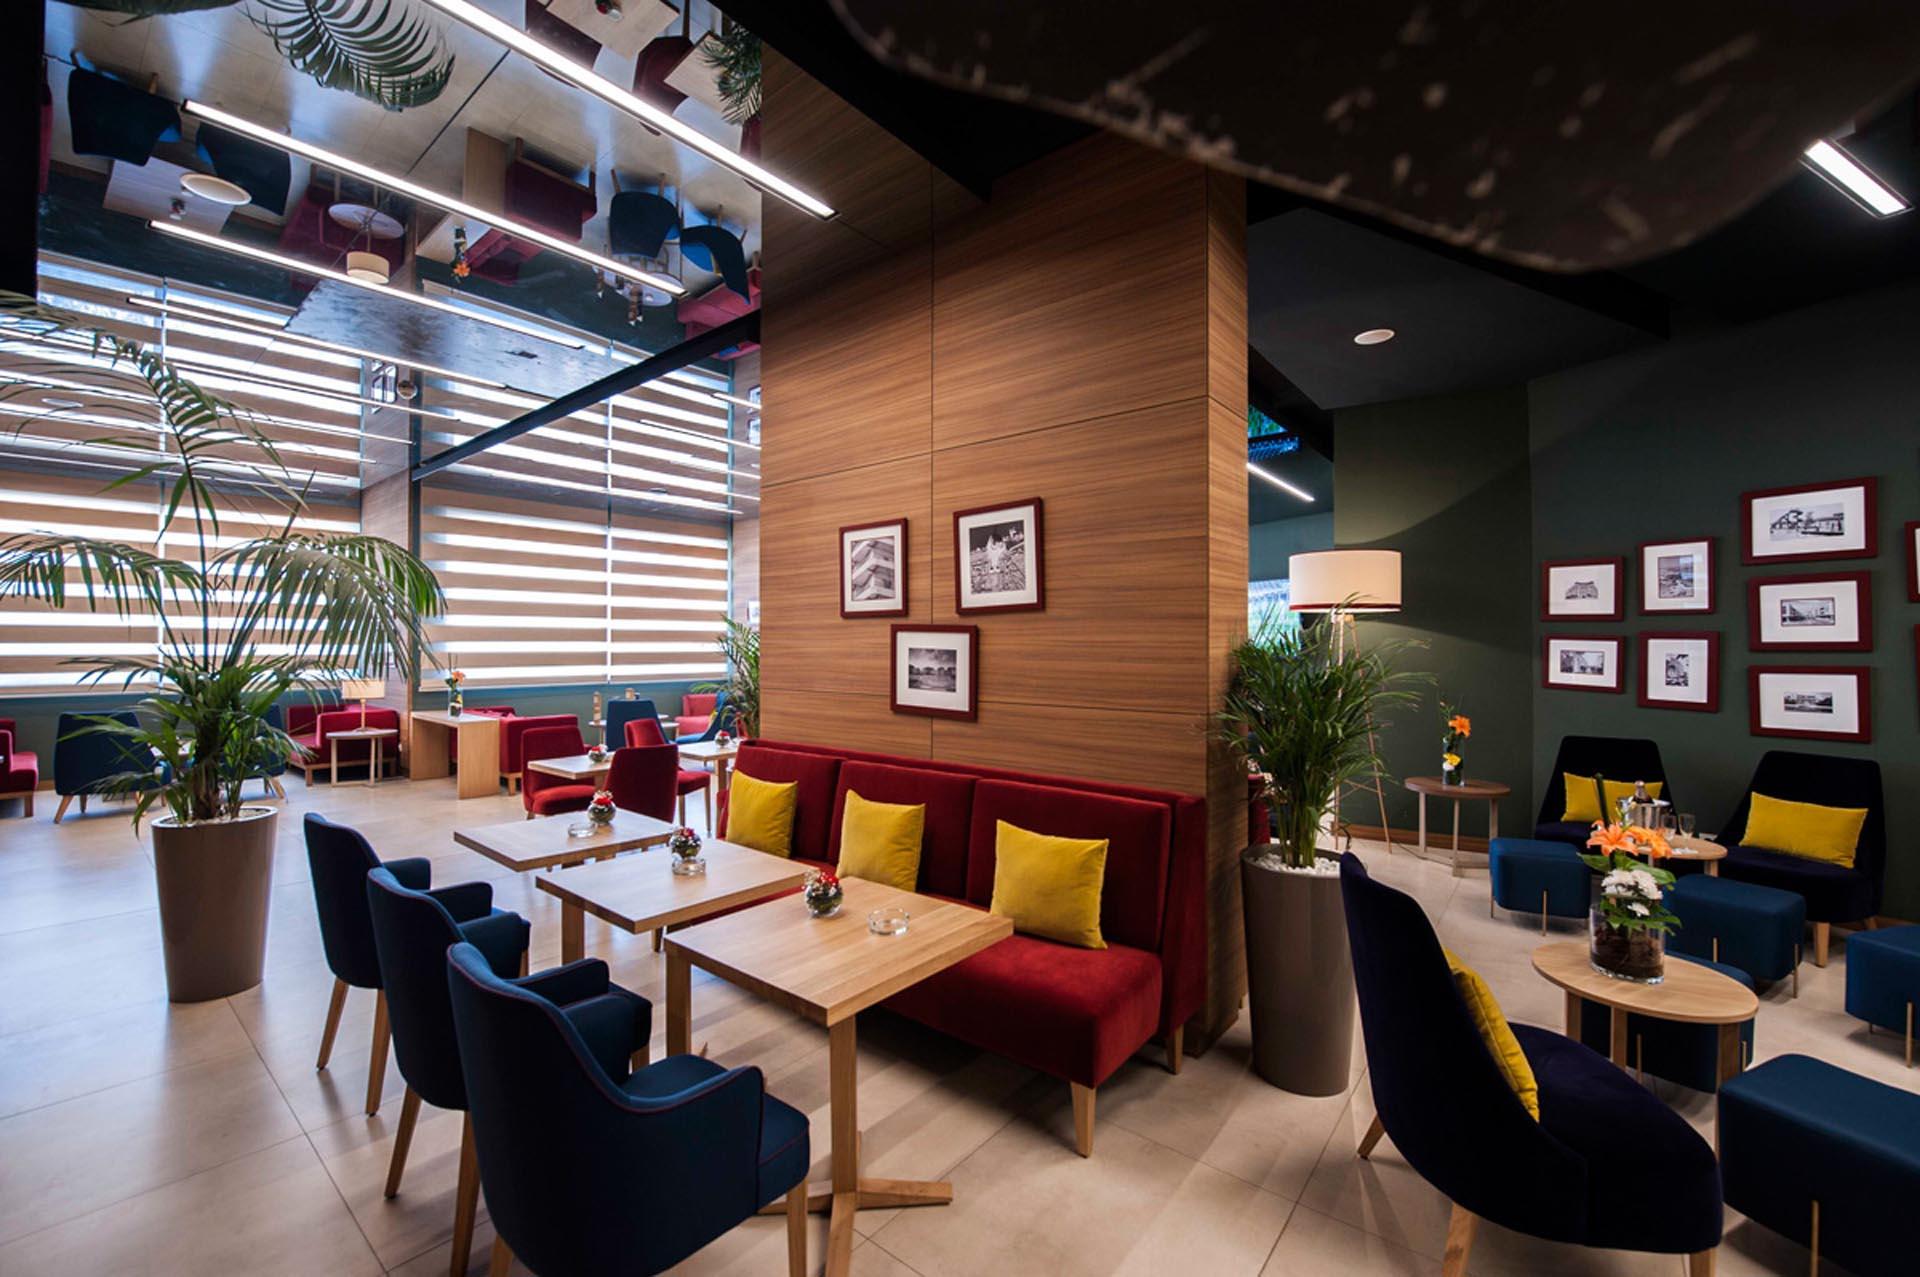 Lobby Bar at Kenzi Basma Hotel in Casablanca, Morocco